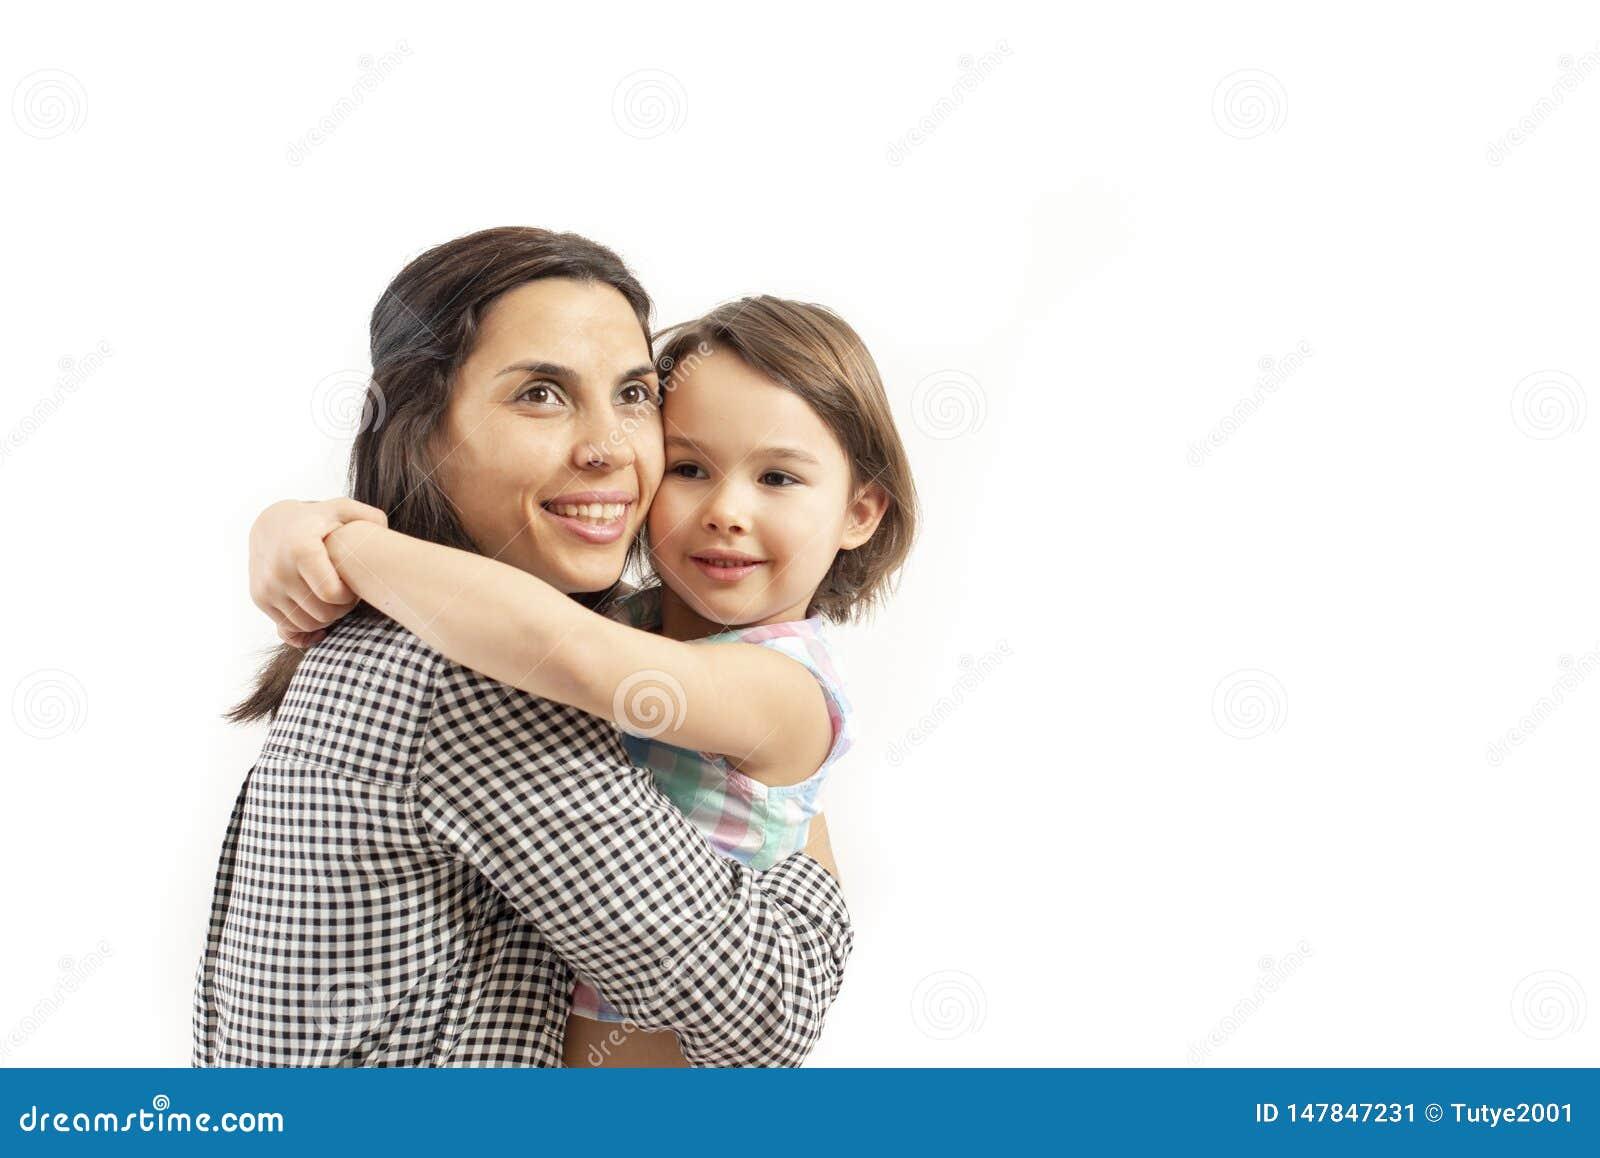 El retrato de la hija feliz abraza a su madre, aislada en el fondo blanco